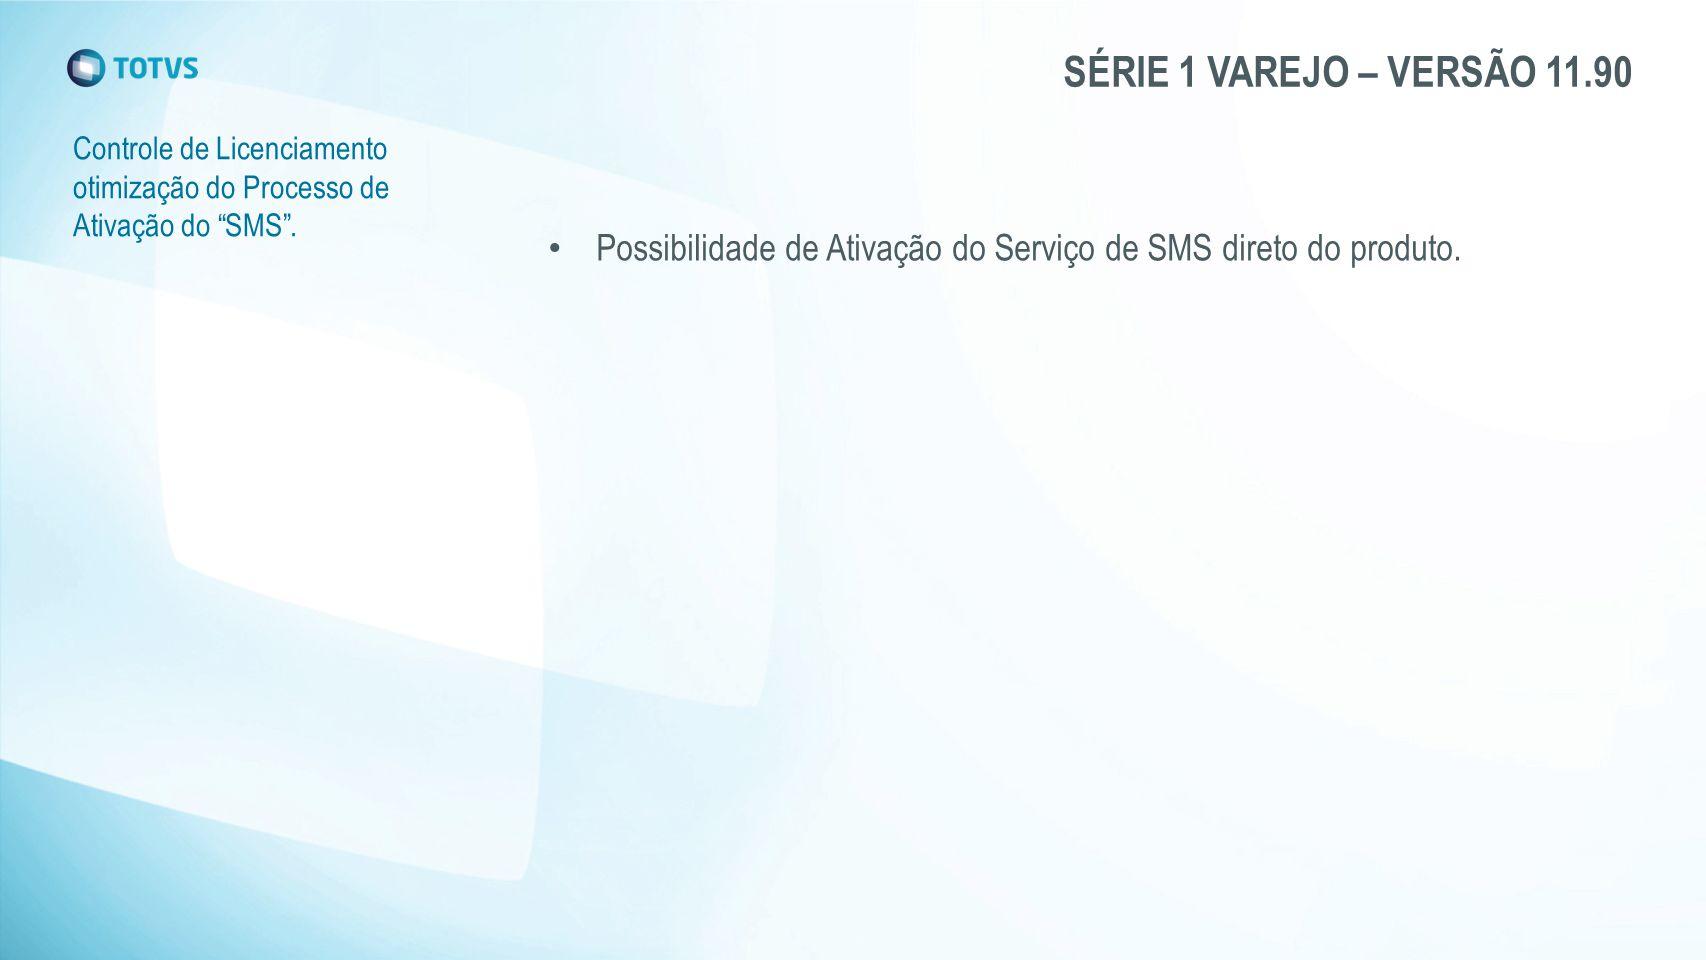 SÉRIE 1 VAREJO – VERSÃO 11.90 Controle de Licenciamento otimização do Processo de Ativação do SMS .